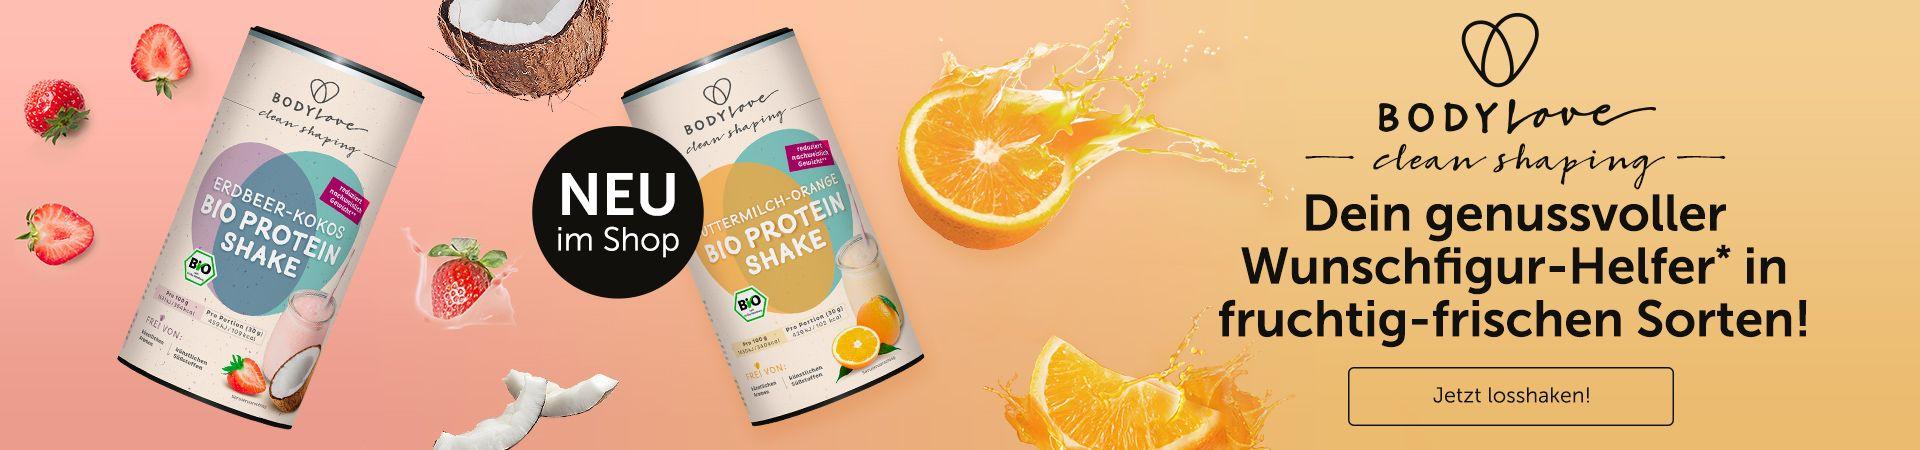 BodyLove Proteinshakes Buttermilch-Orange und Erdbeere-Kokos mit Fruchtdekoration auf orangenem Hintergrund.